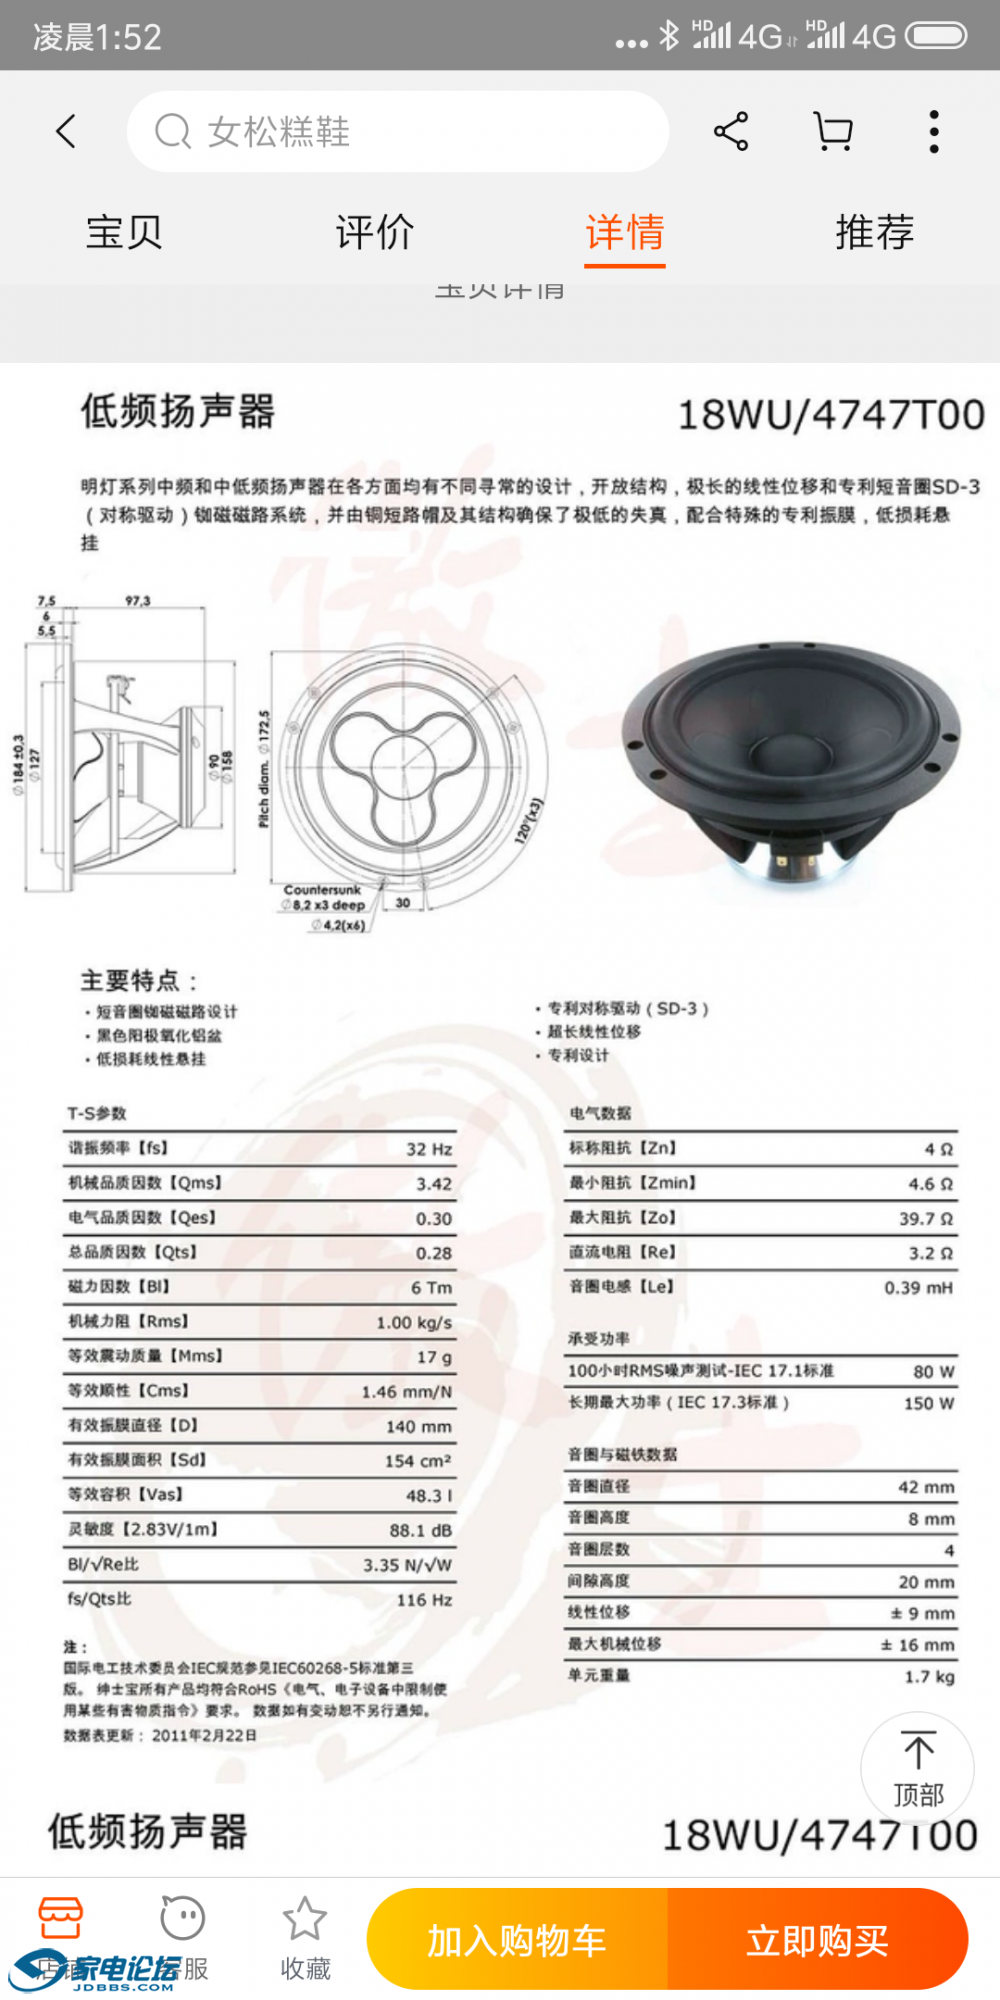 Screenshot_2019-08-10-01-52-51-444_com.taobao.tao.png